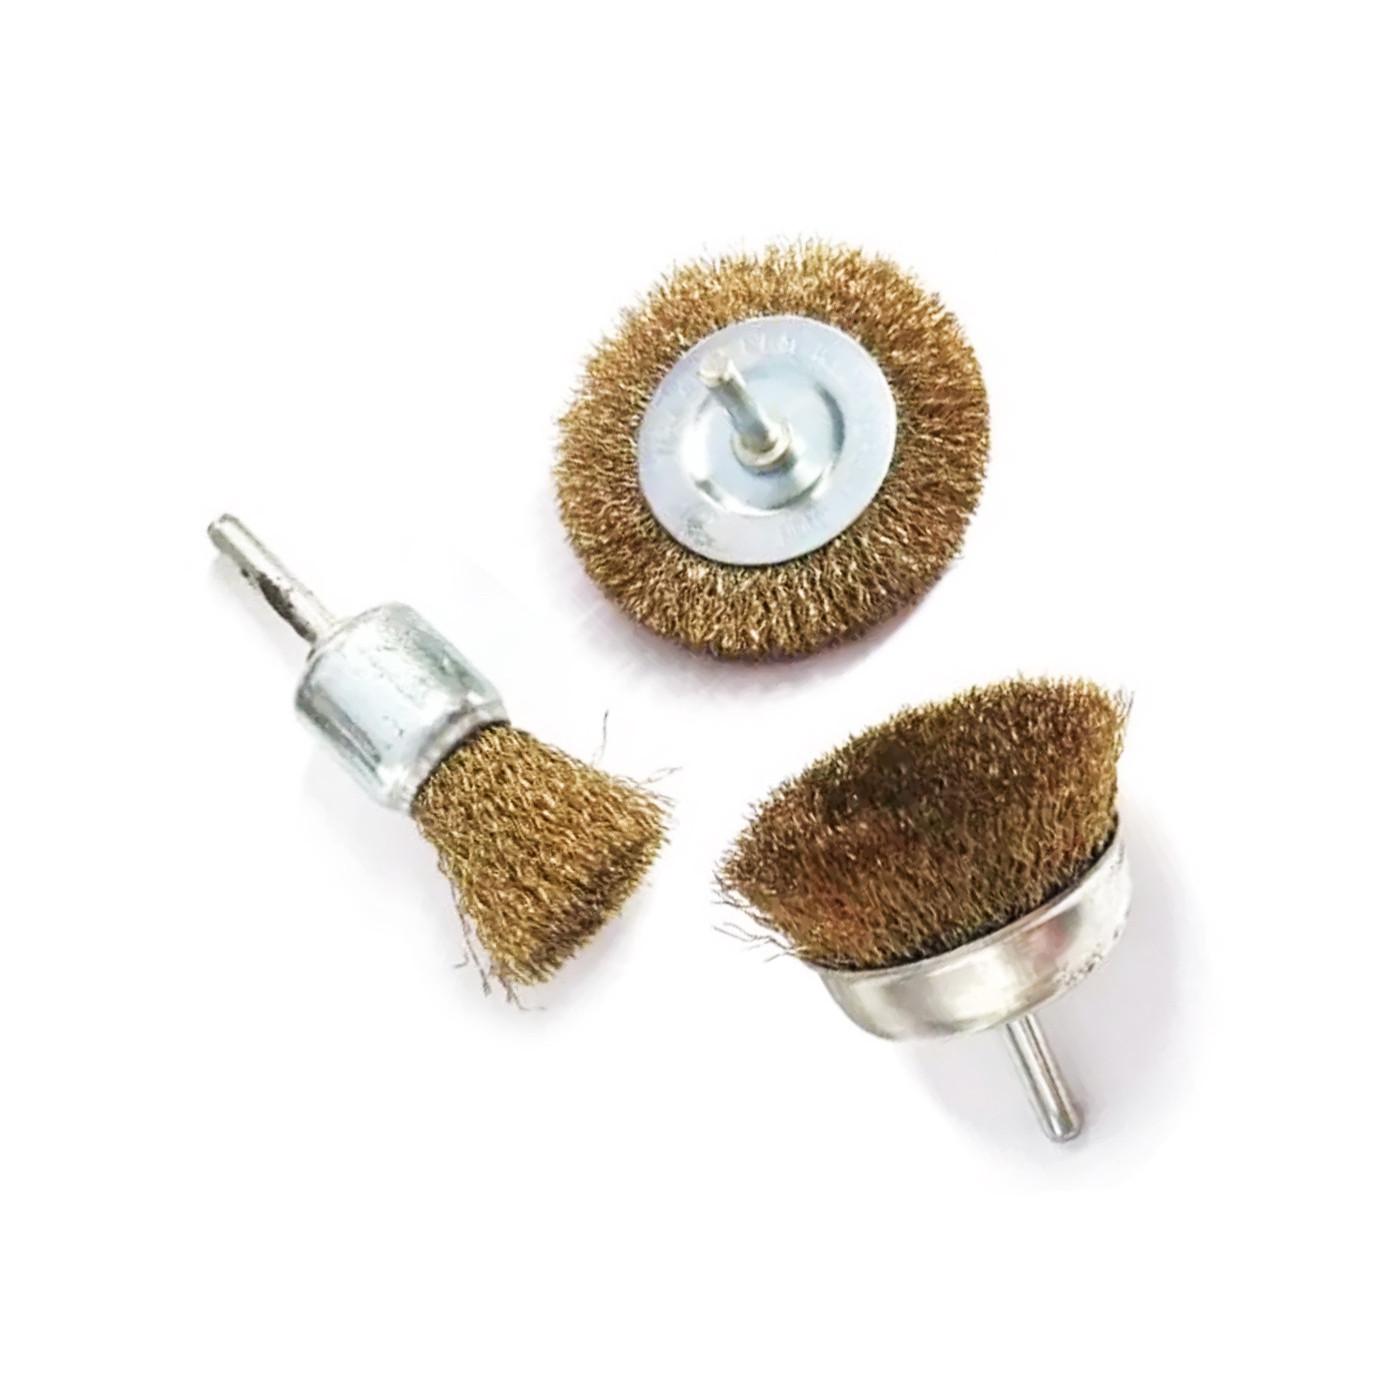 Zestaw 3 metalowych szczotek (trzonek 6,35 mm) do wiertarki elektrycznej  - 1